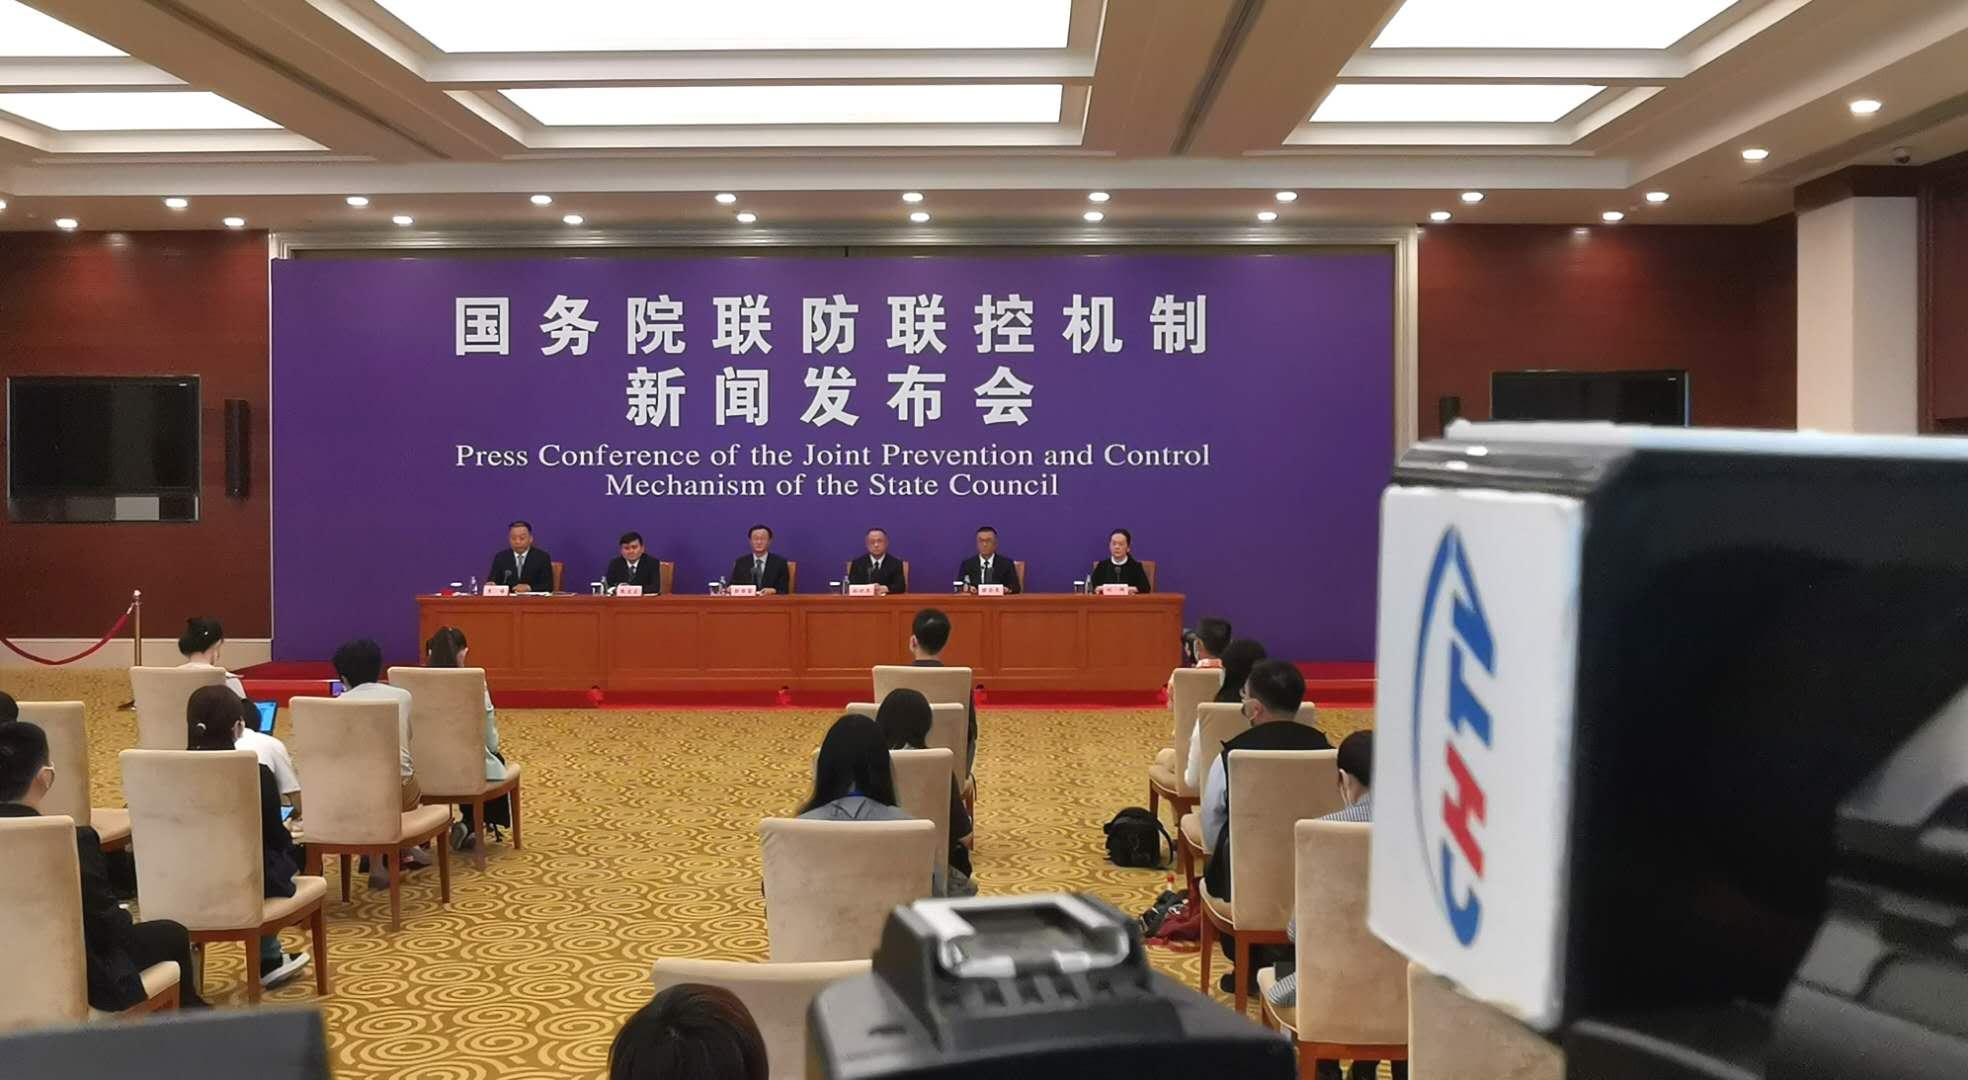 国务院联防联控机制就上海市疫情防控工作举行发布会